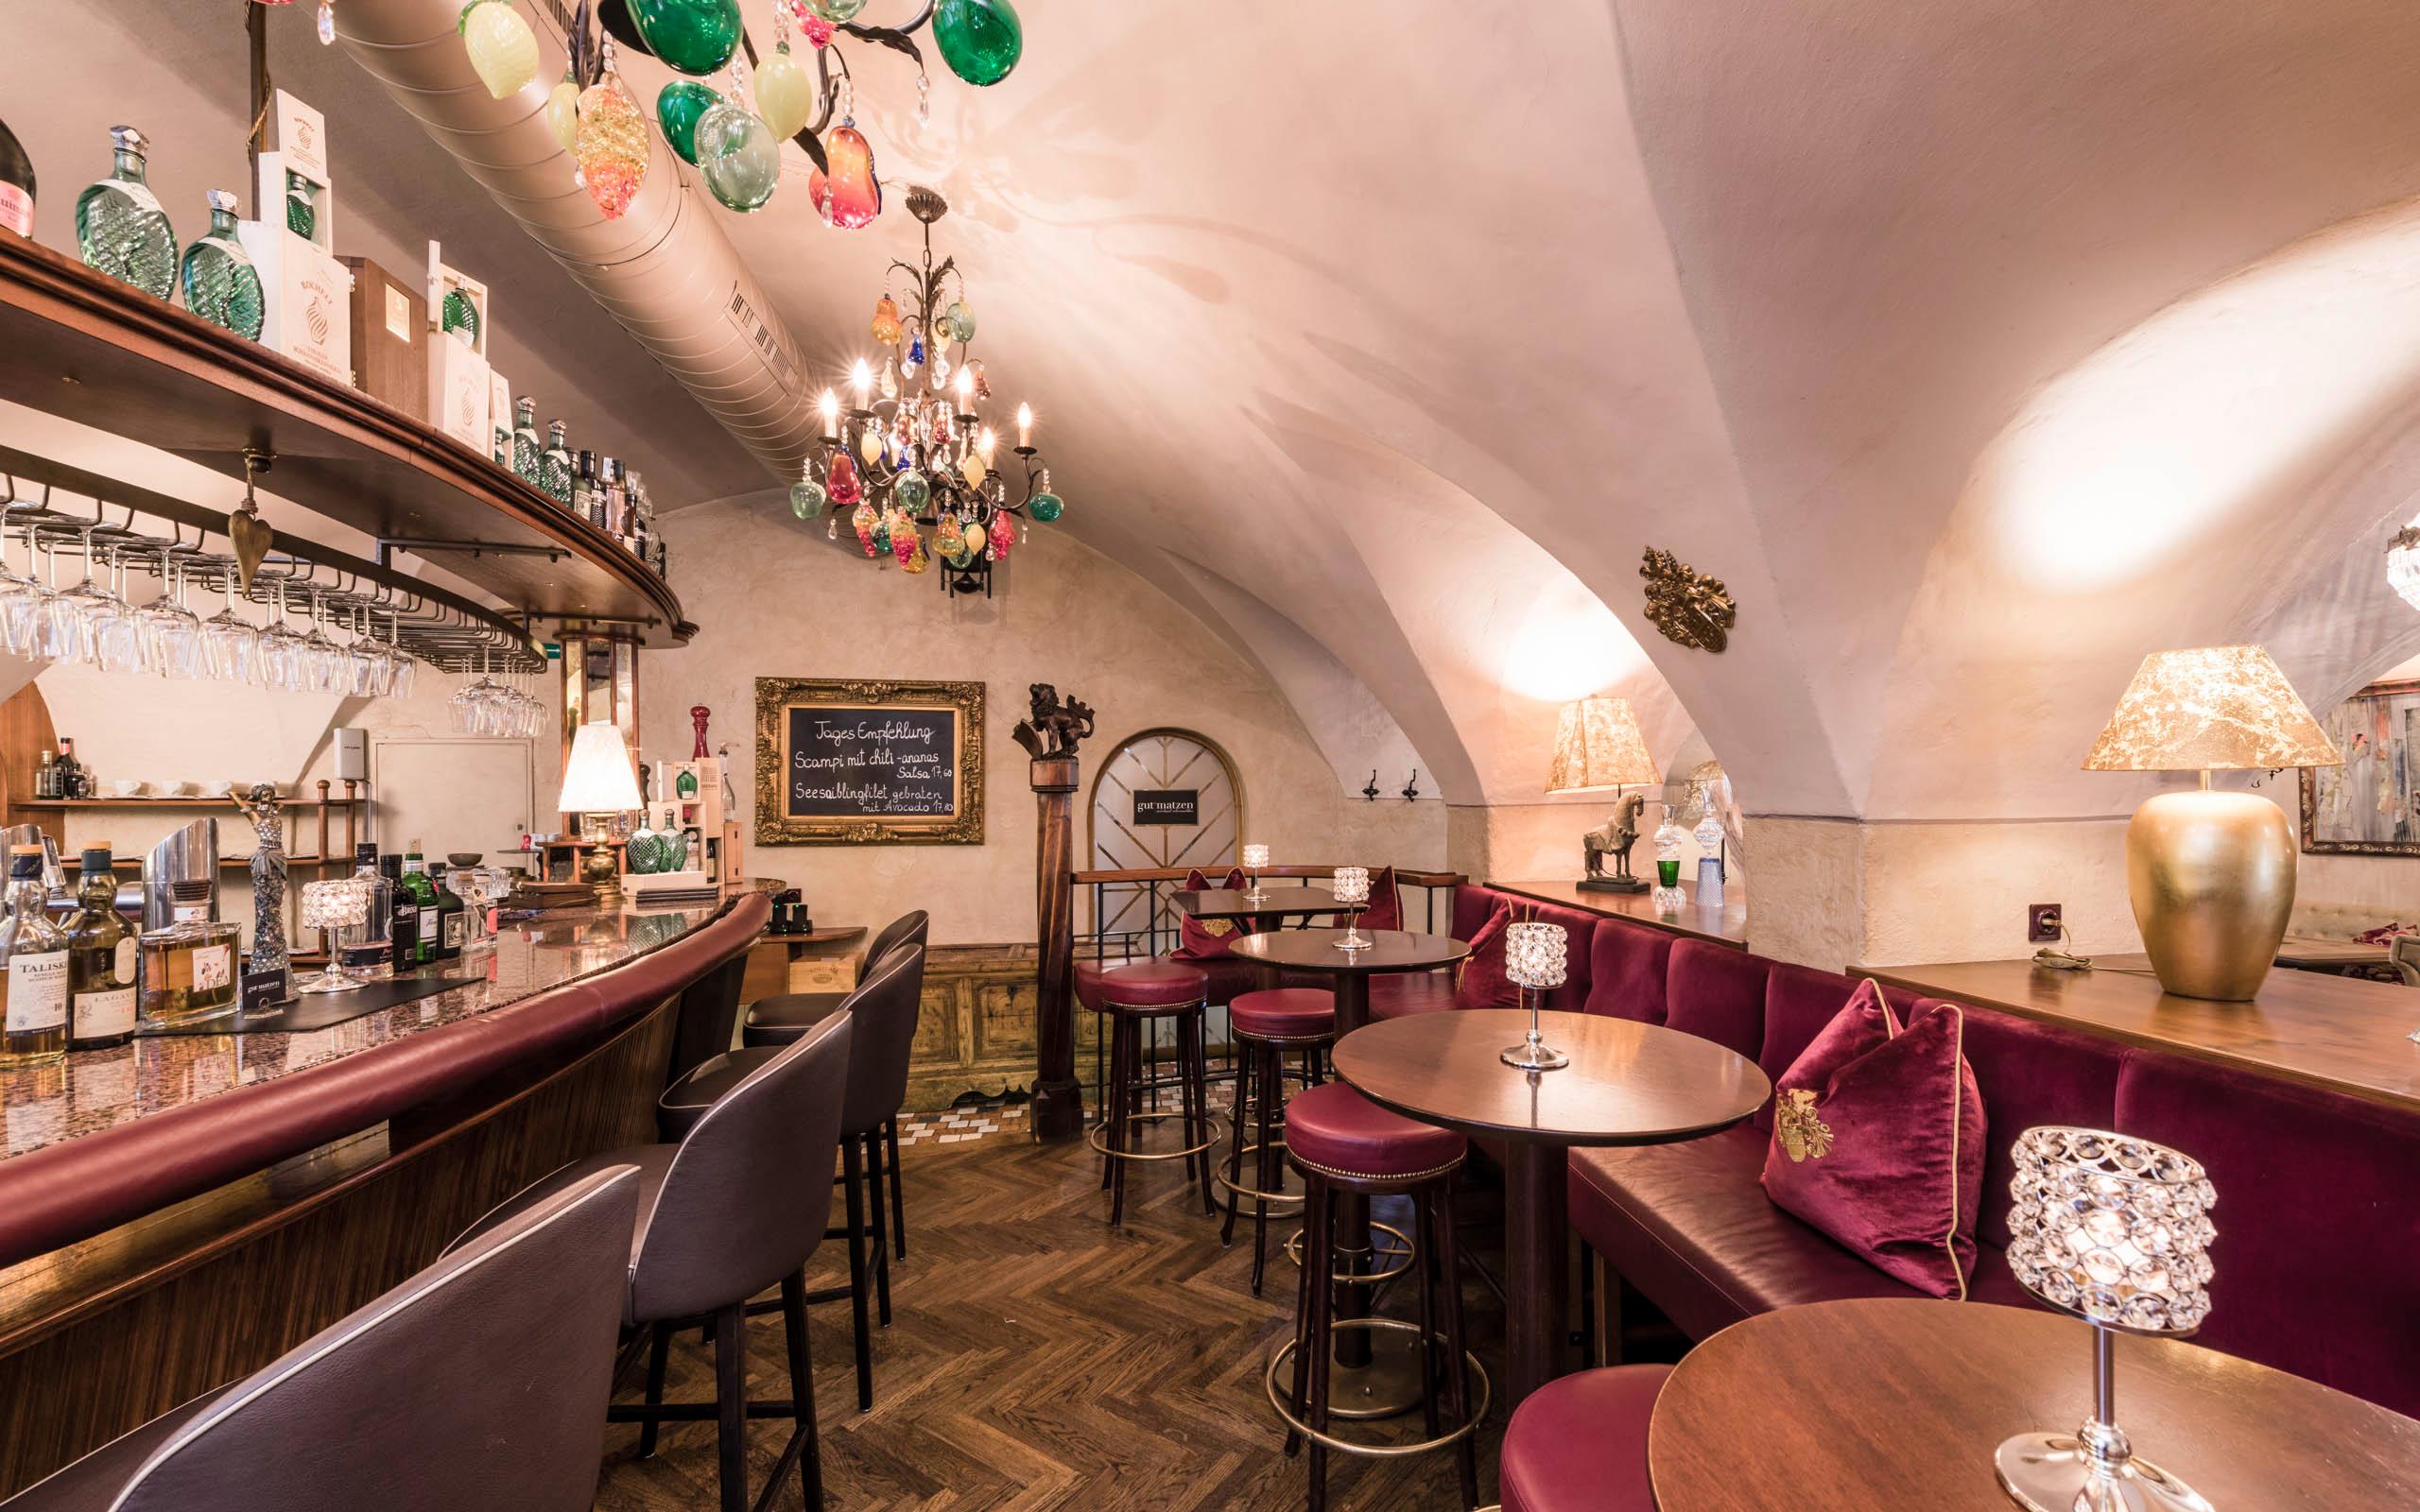 Gemütliches Ambiente in der Bar